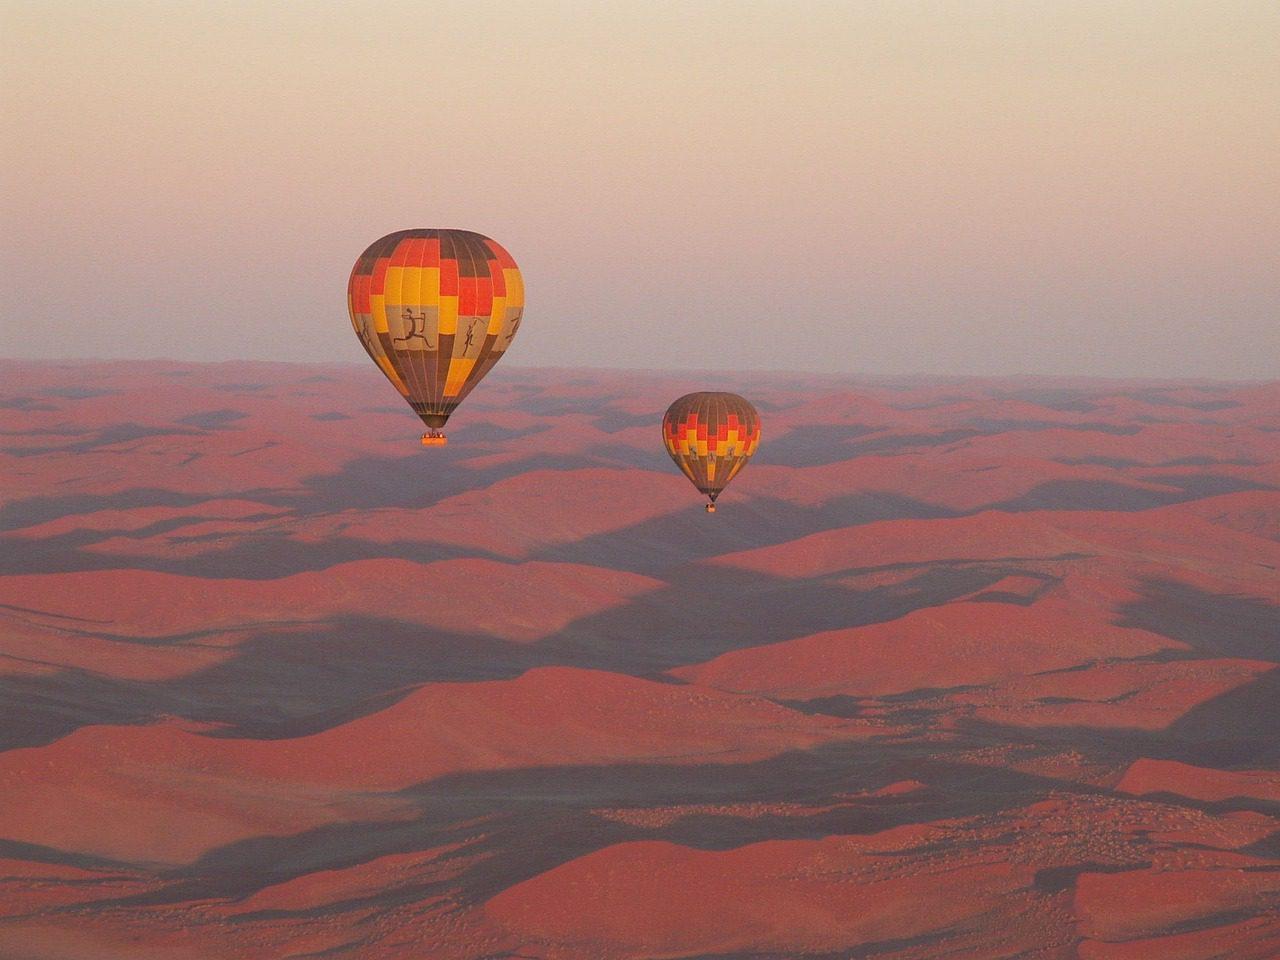 Hot Air Balloon Sossusvlei